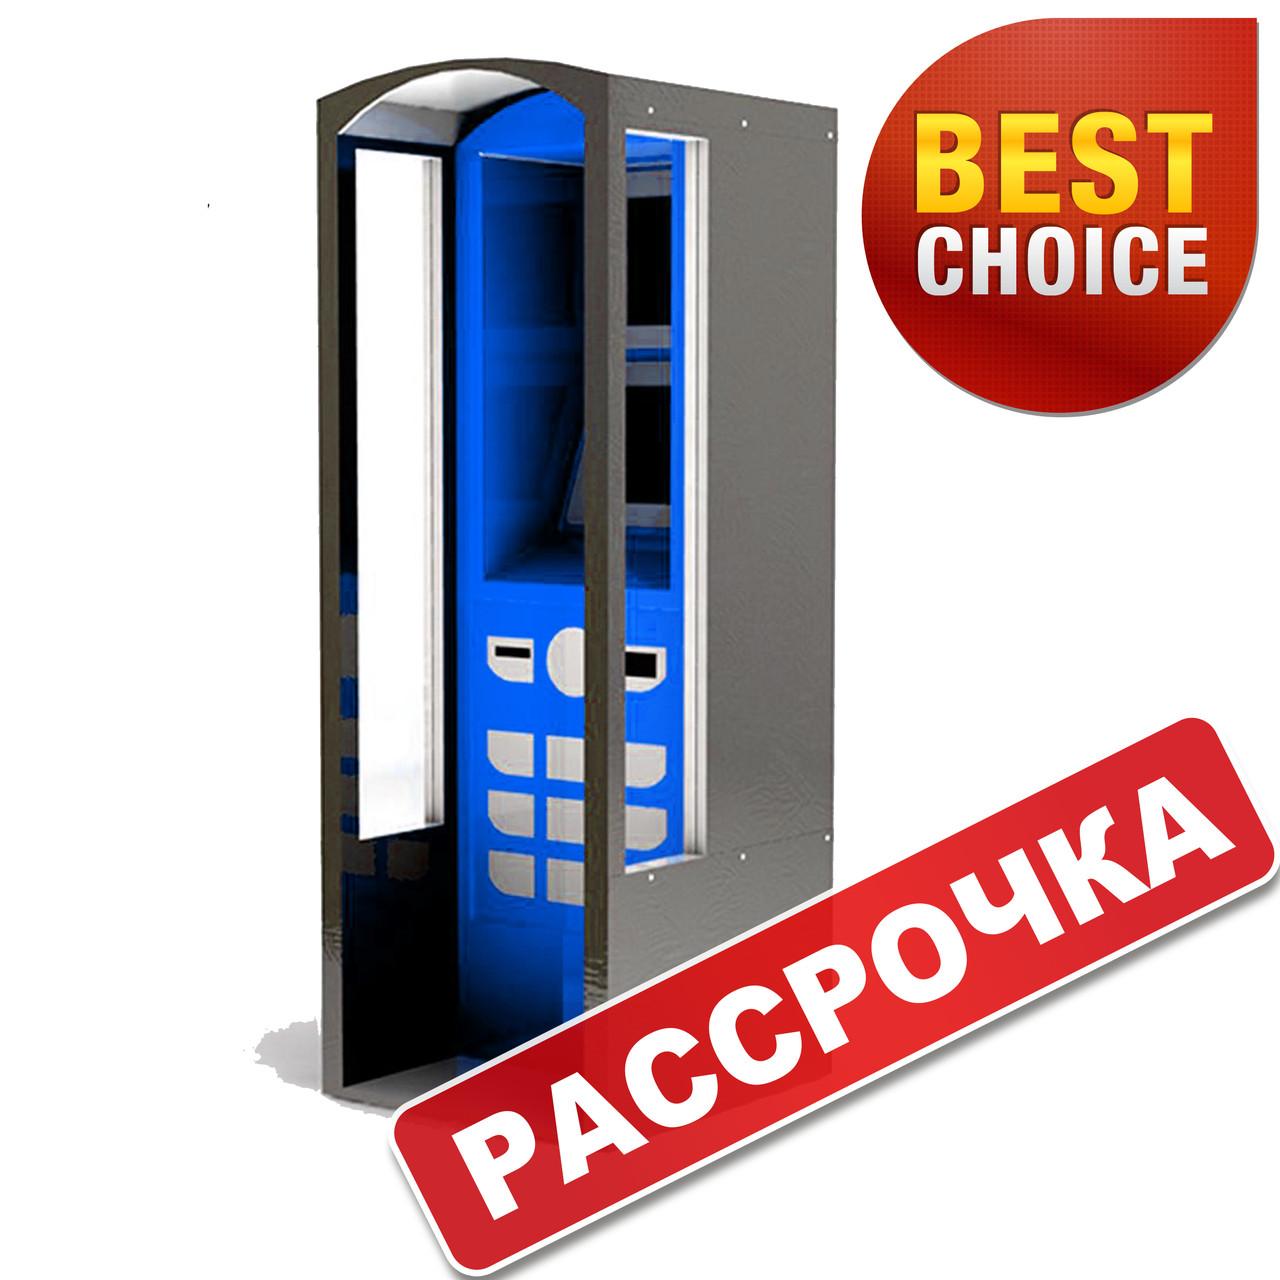 """Платежный терминал Уличный. ПТ-5 """"Телефонная будка"""". РАССРОЧКА 3 мес"""